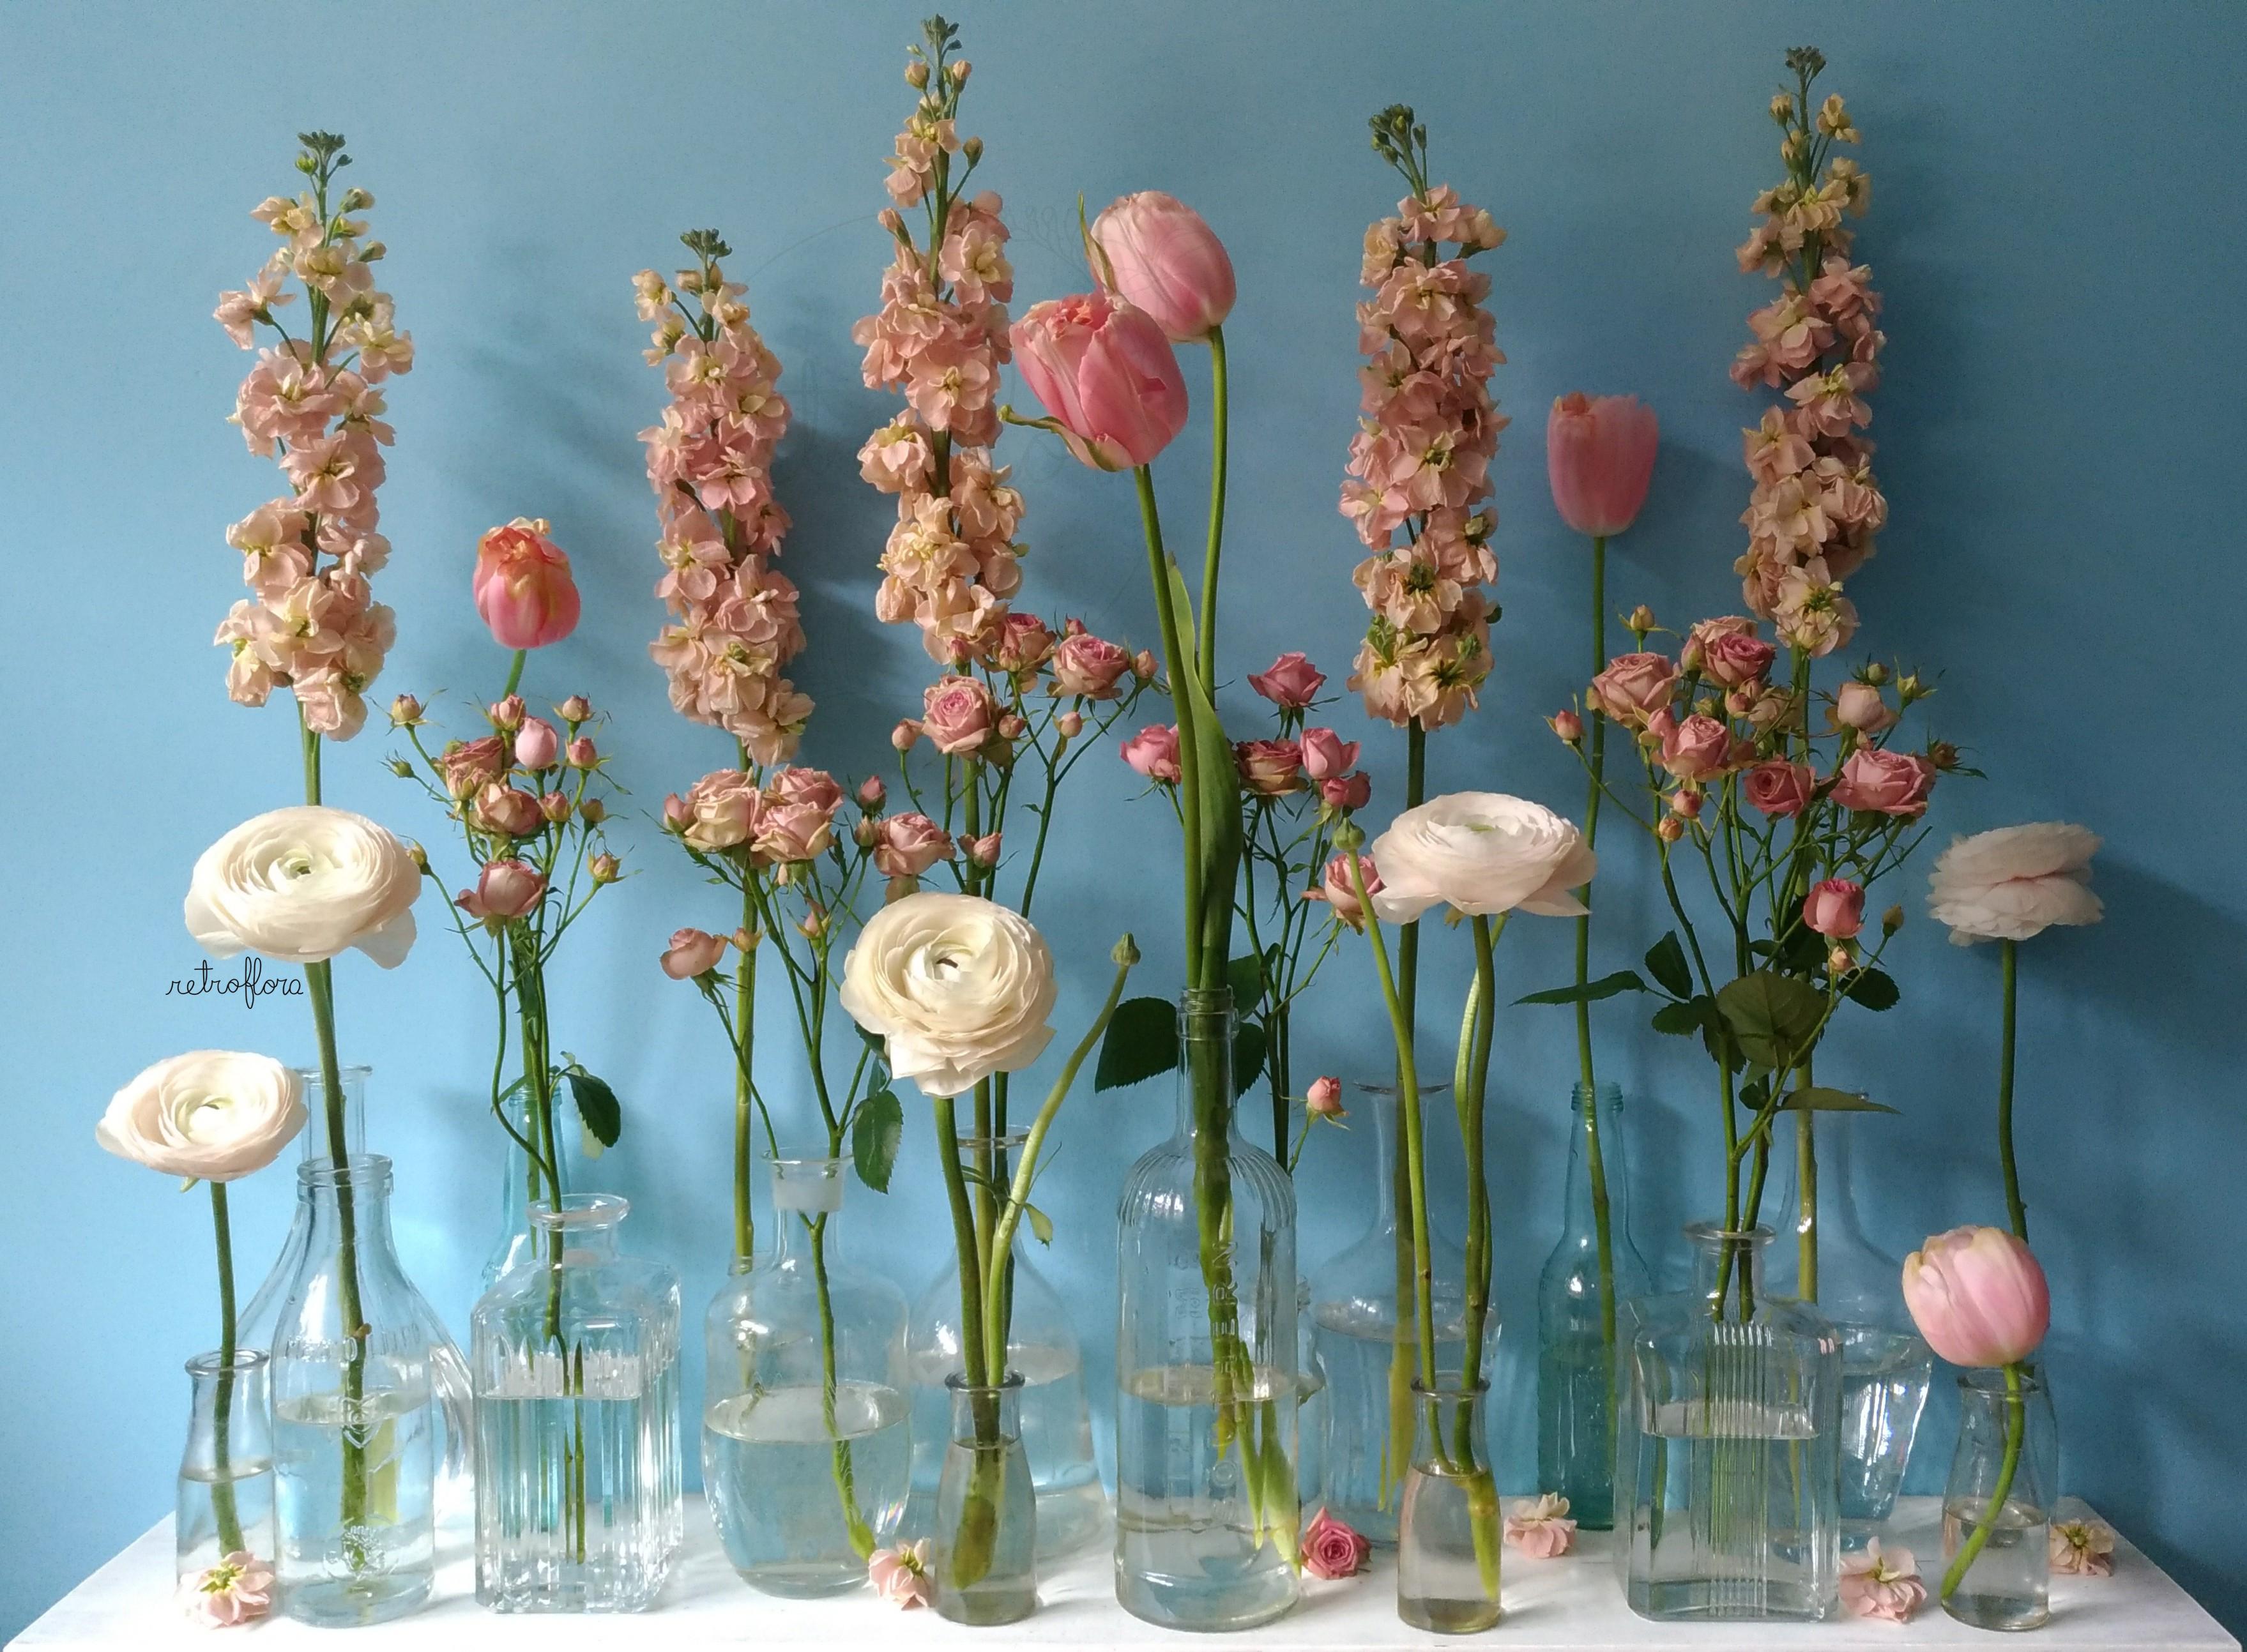 La Mensola Fiorita Tulipani e Violacciocca - Retroflora